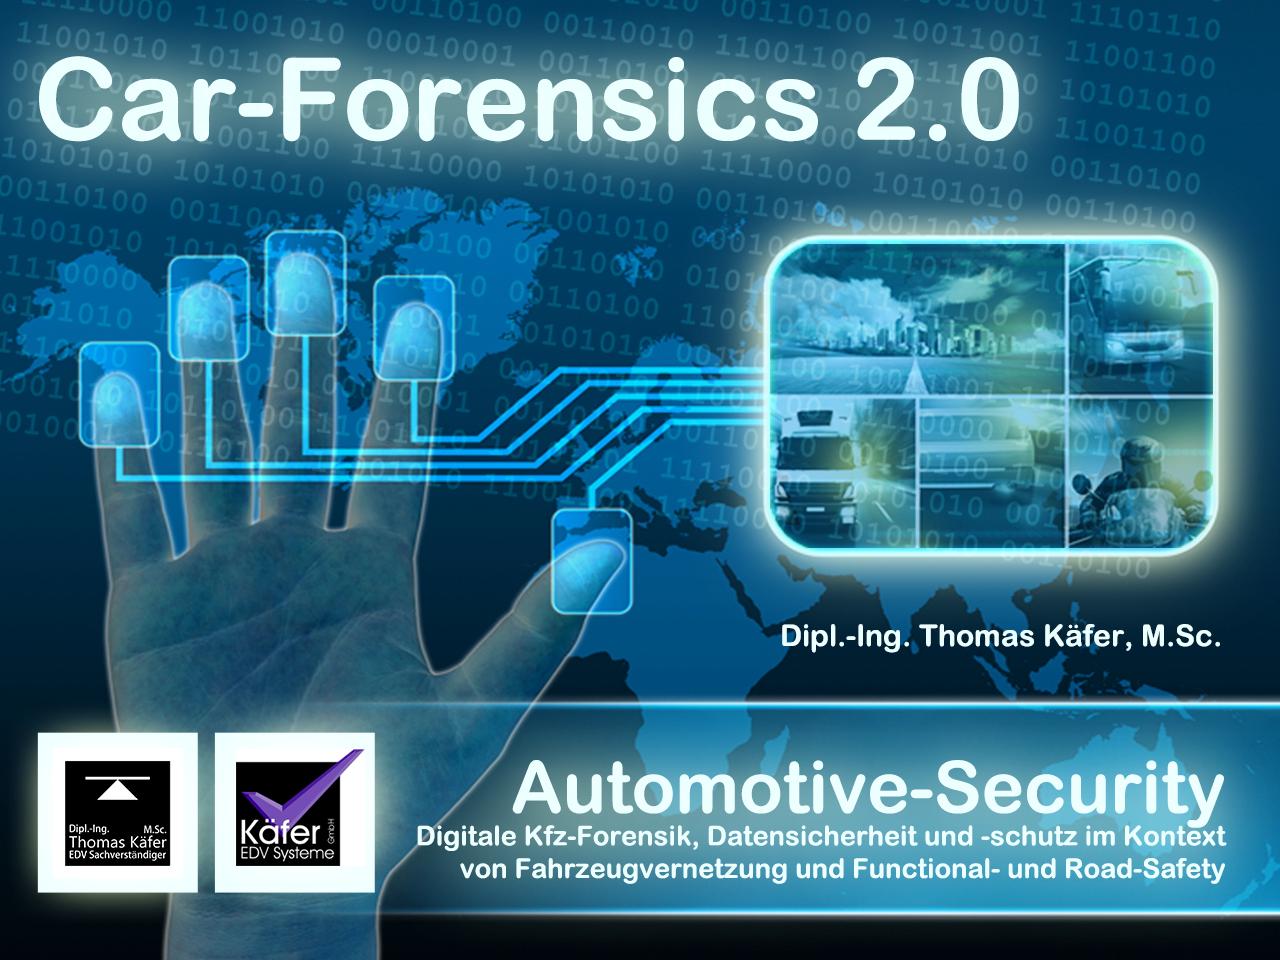 Car-Forensics/Digitale Kfz-Forensik 2.0 - Vortrag beim IT Breakfast in der IHK Bonn am 09.09.2016